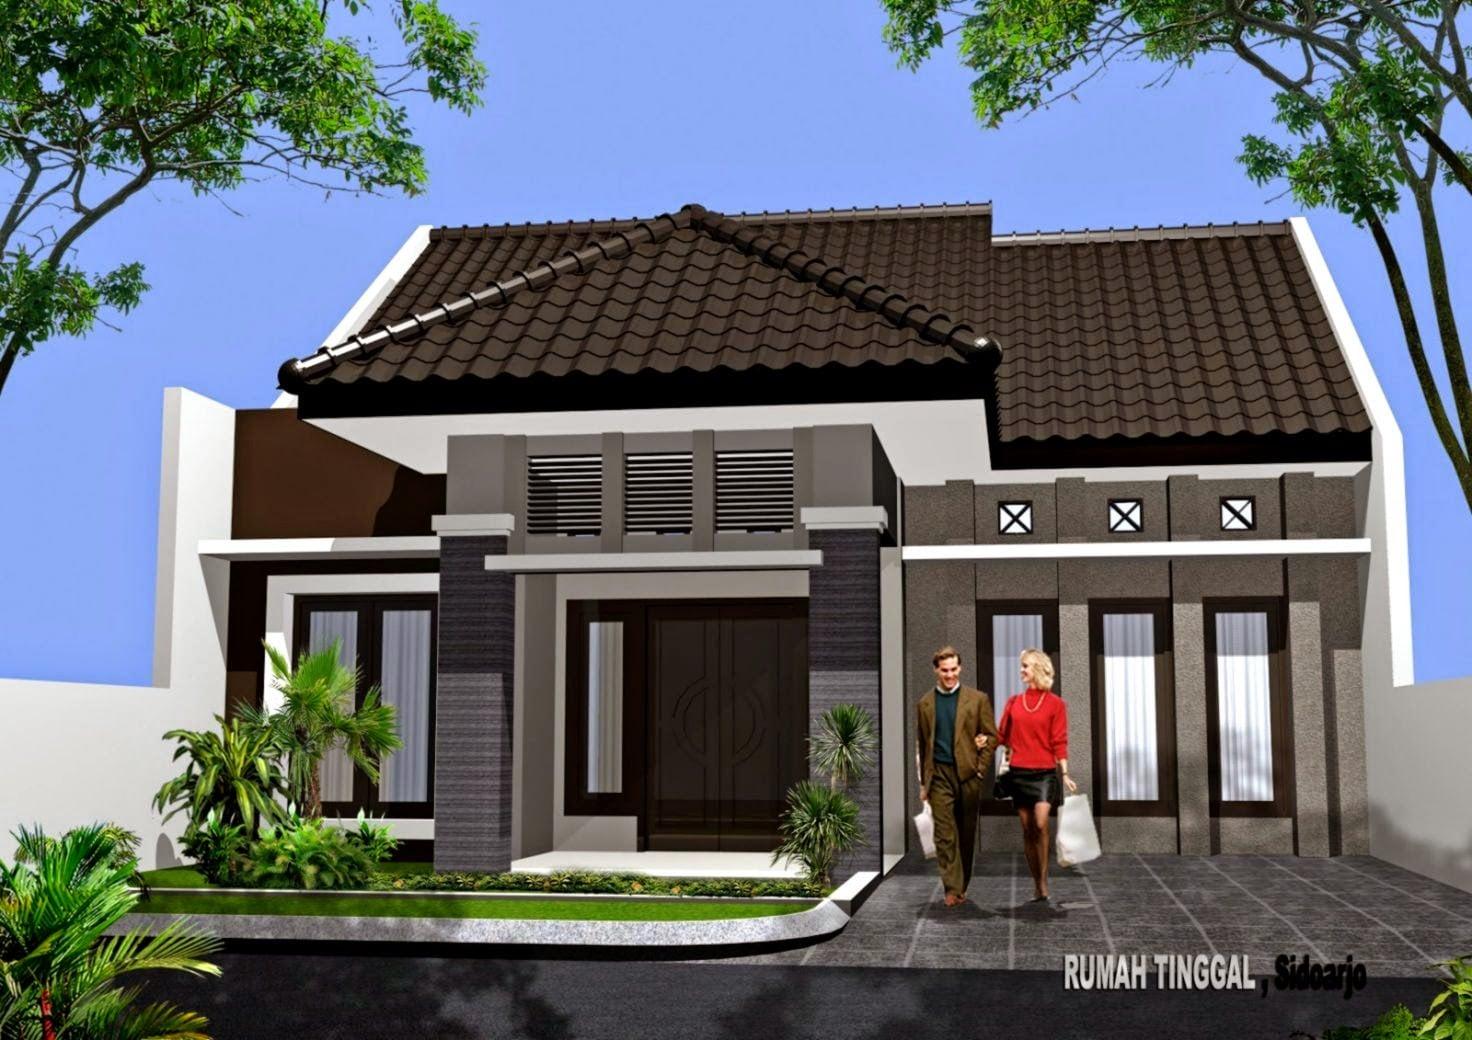 99 Gambar Desain Model Rumah Sederhana Modern 1 Lantai Kreatif Banget Deh